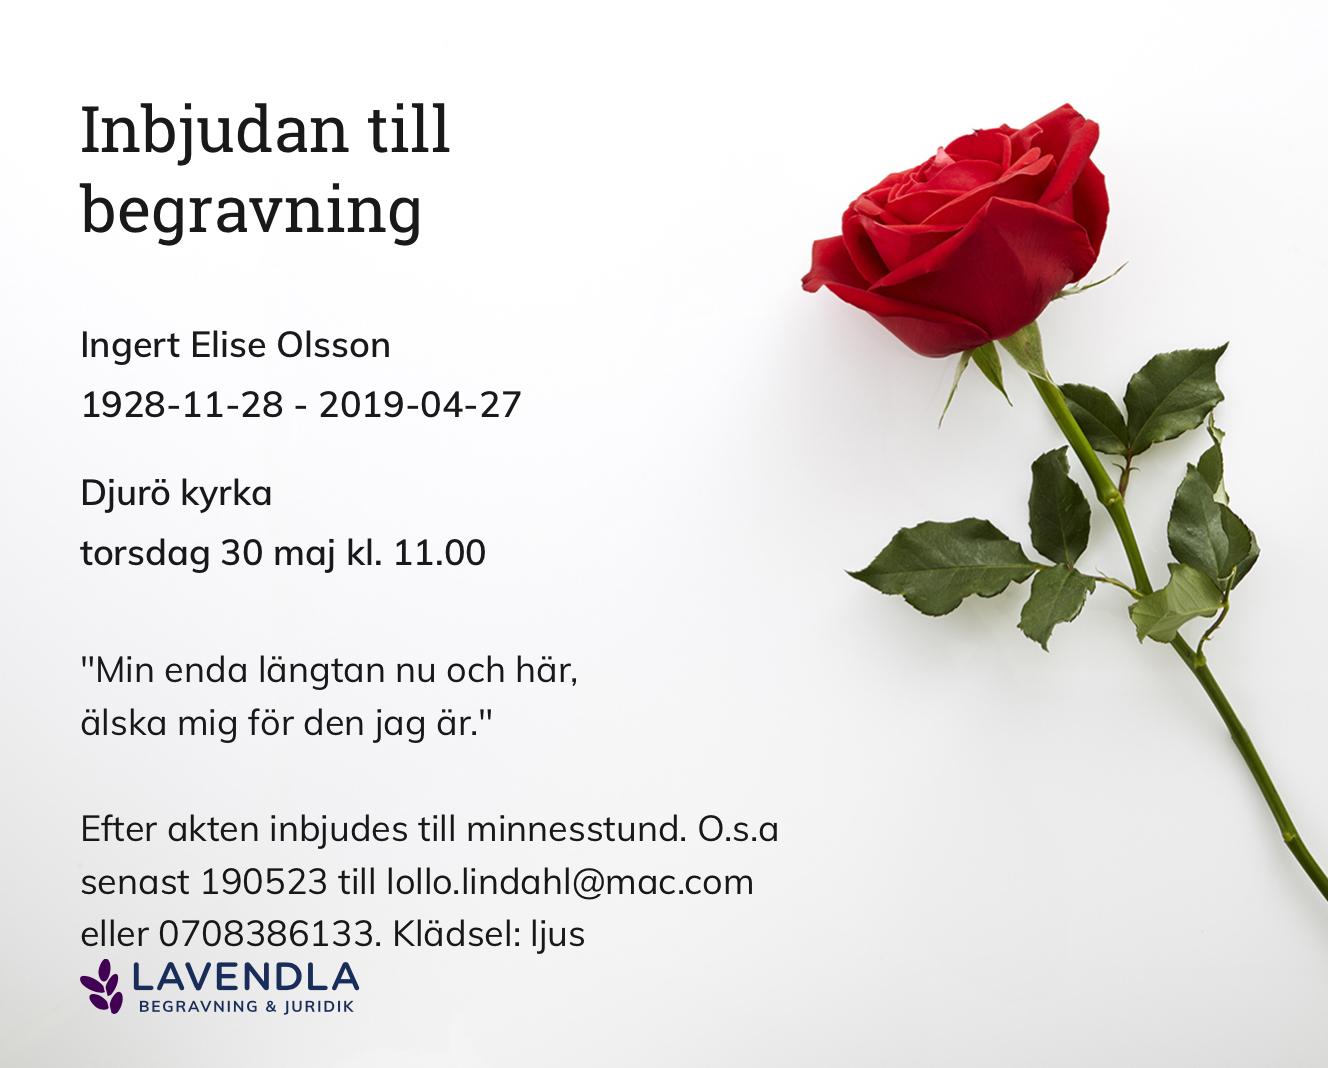 Inbjudningskort till ceremonin för Ingert Elise Olsson